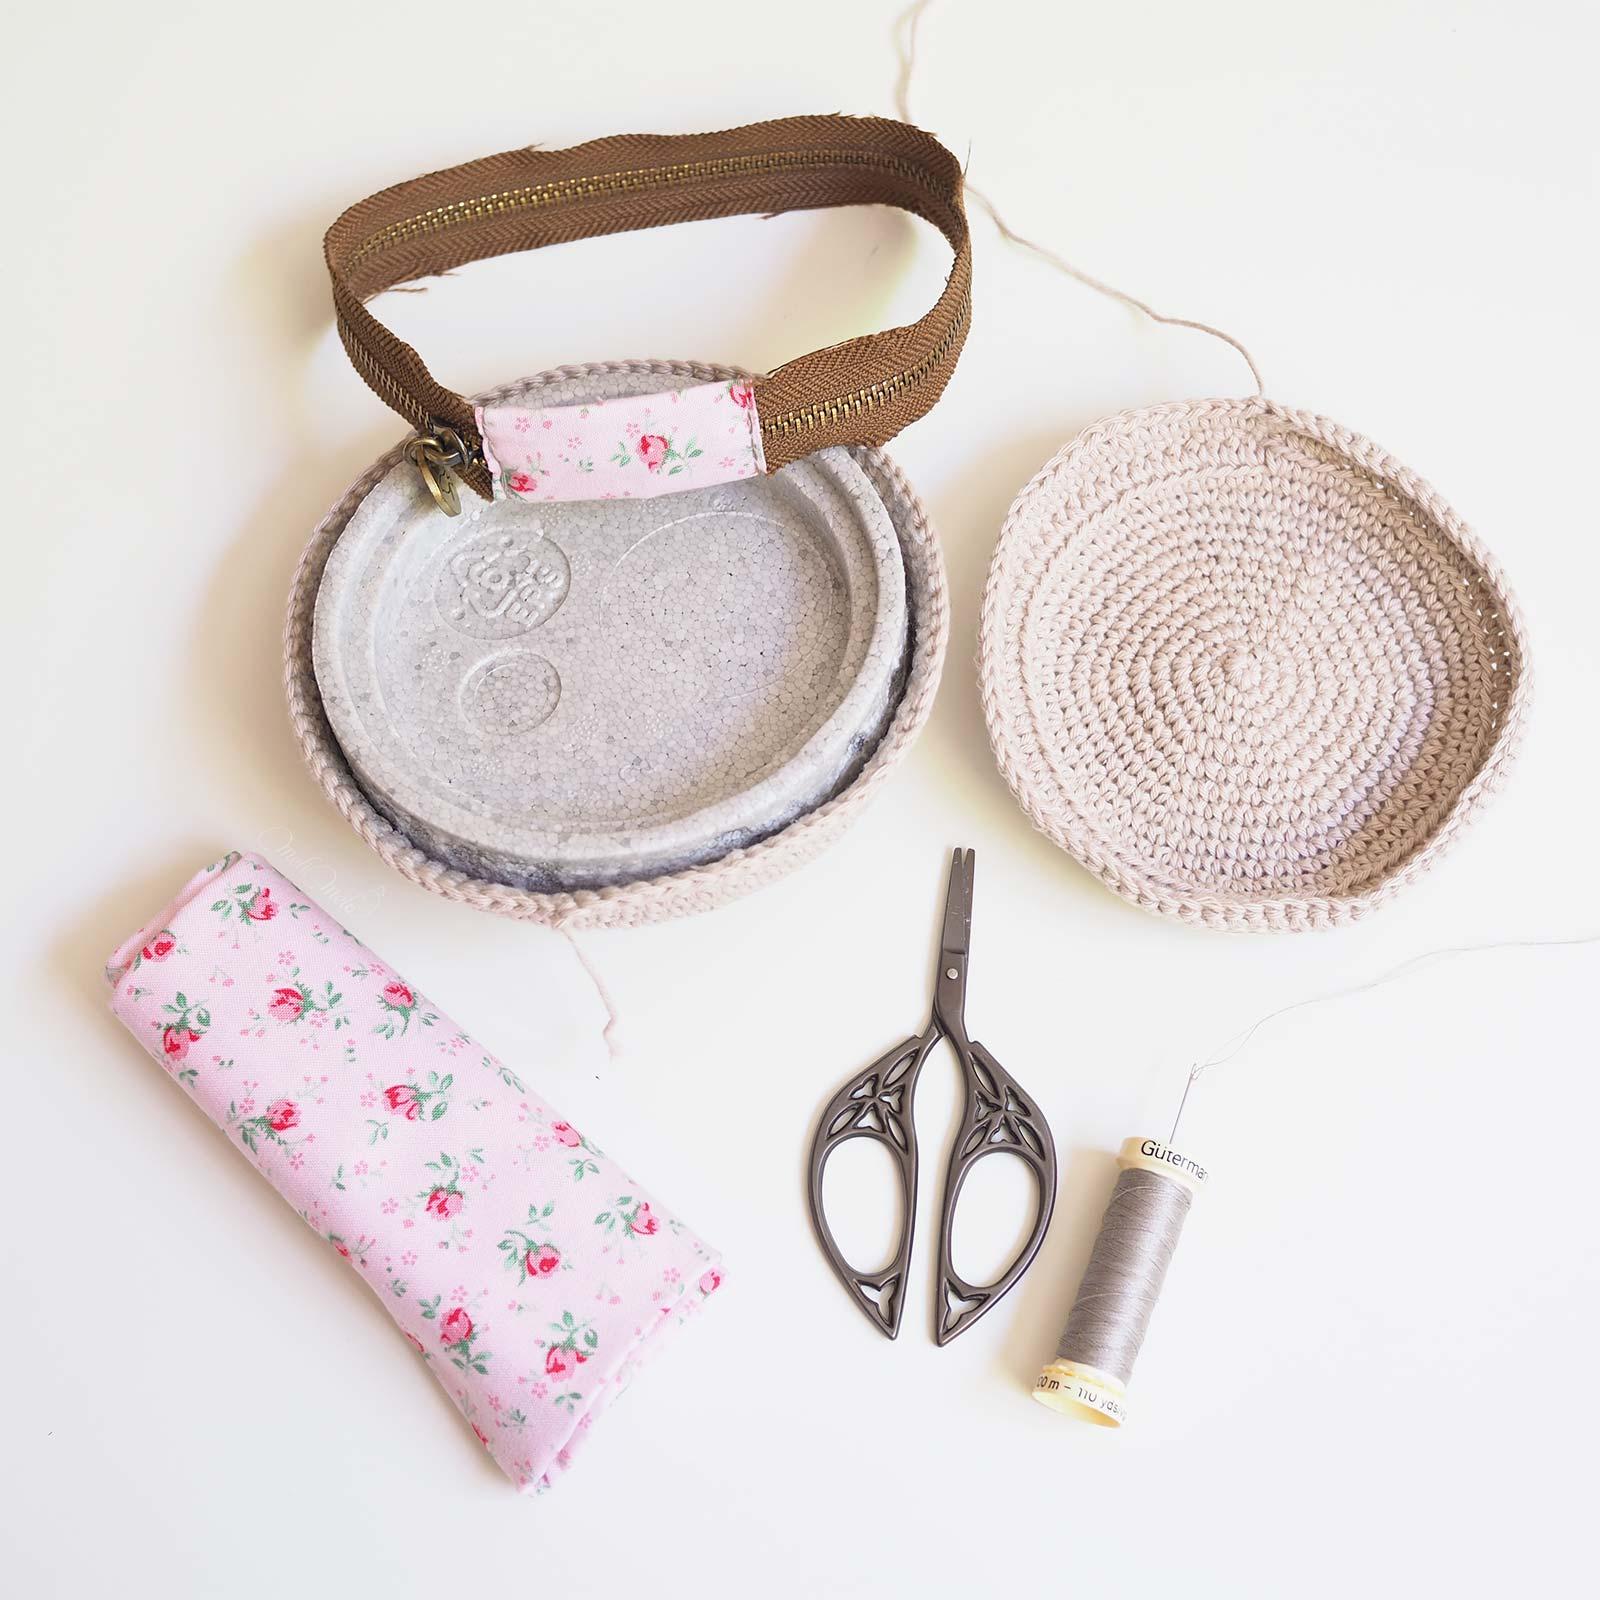 surcyclage upcycling crochet écrin fermeture éclair tuto chouettekit coton ricorumi laboutiquedemelimelo